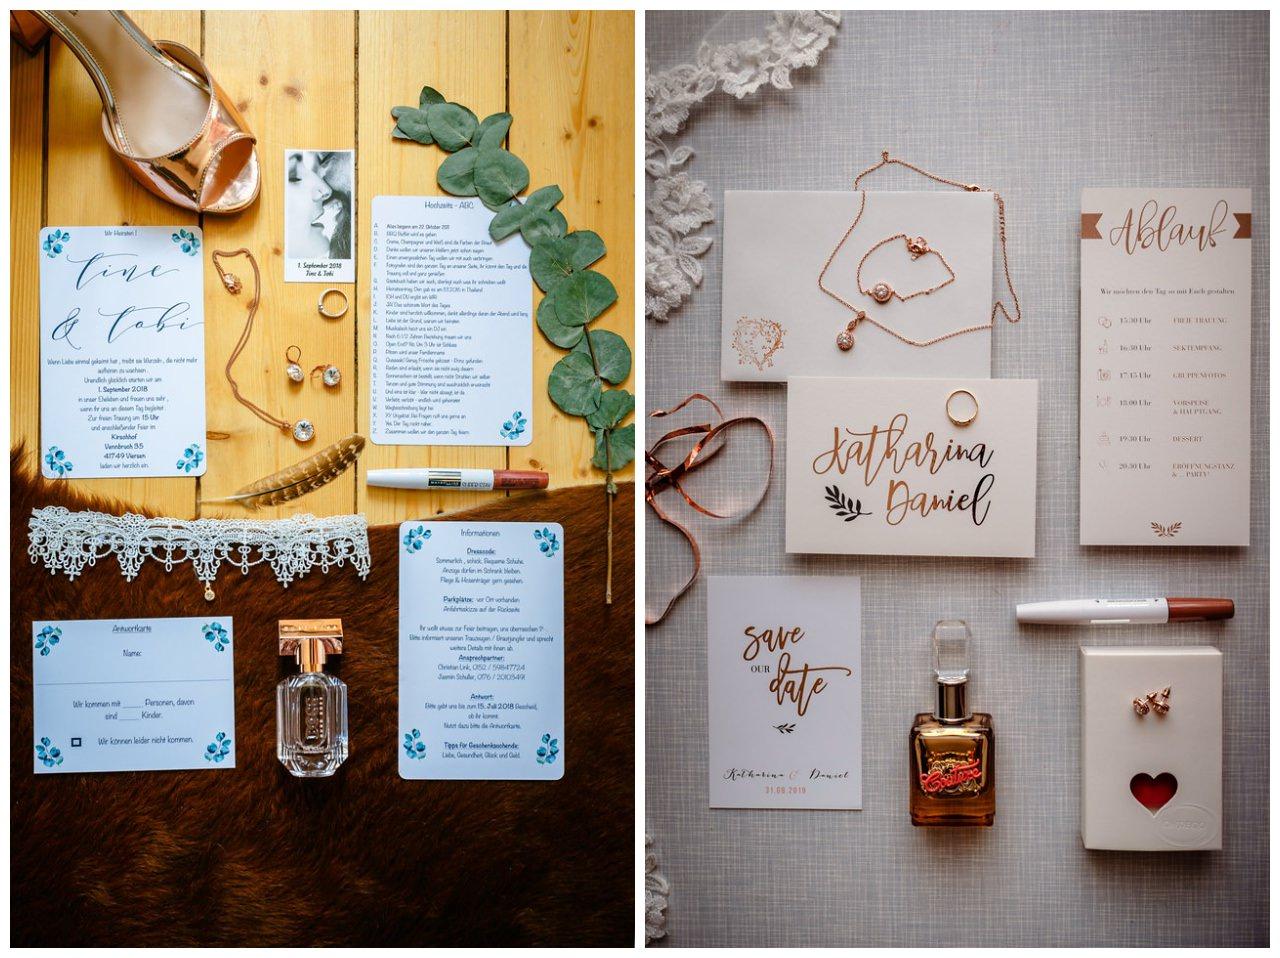 Getting Ready vor der Hochzeit Fotograf Tipps 97 - 8 Tipps für die schönsten Getting Ready Fotos